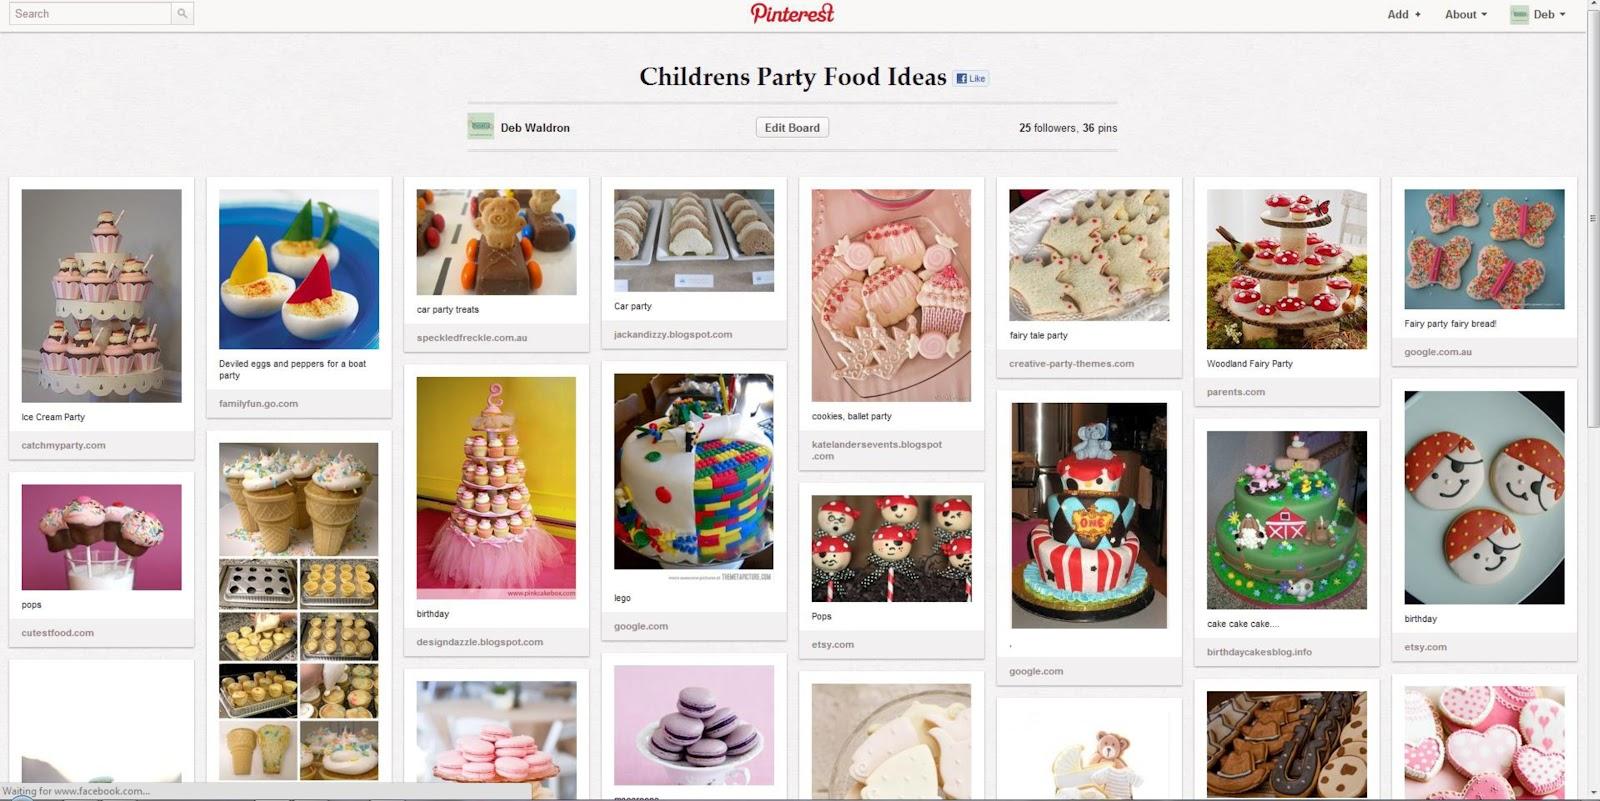 Pinterest Party Food Ideas